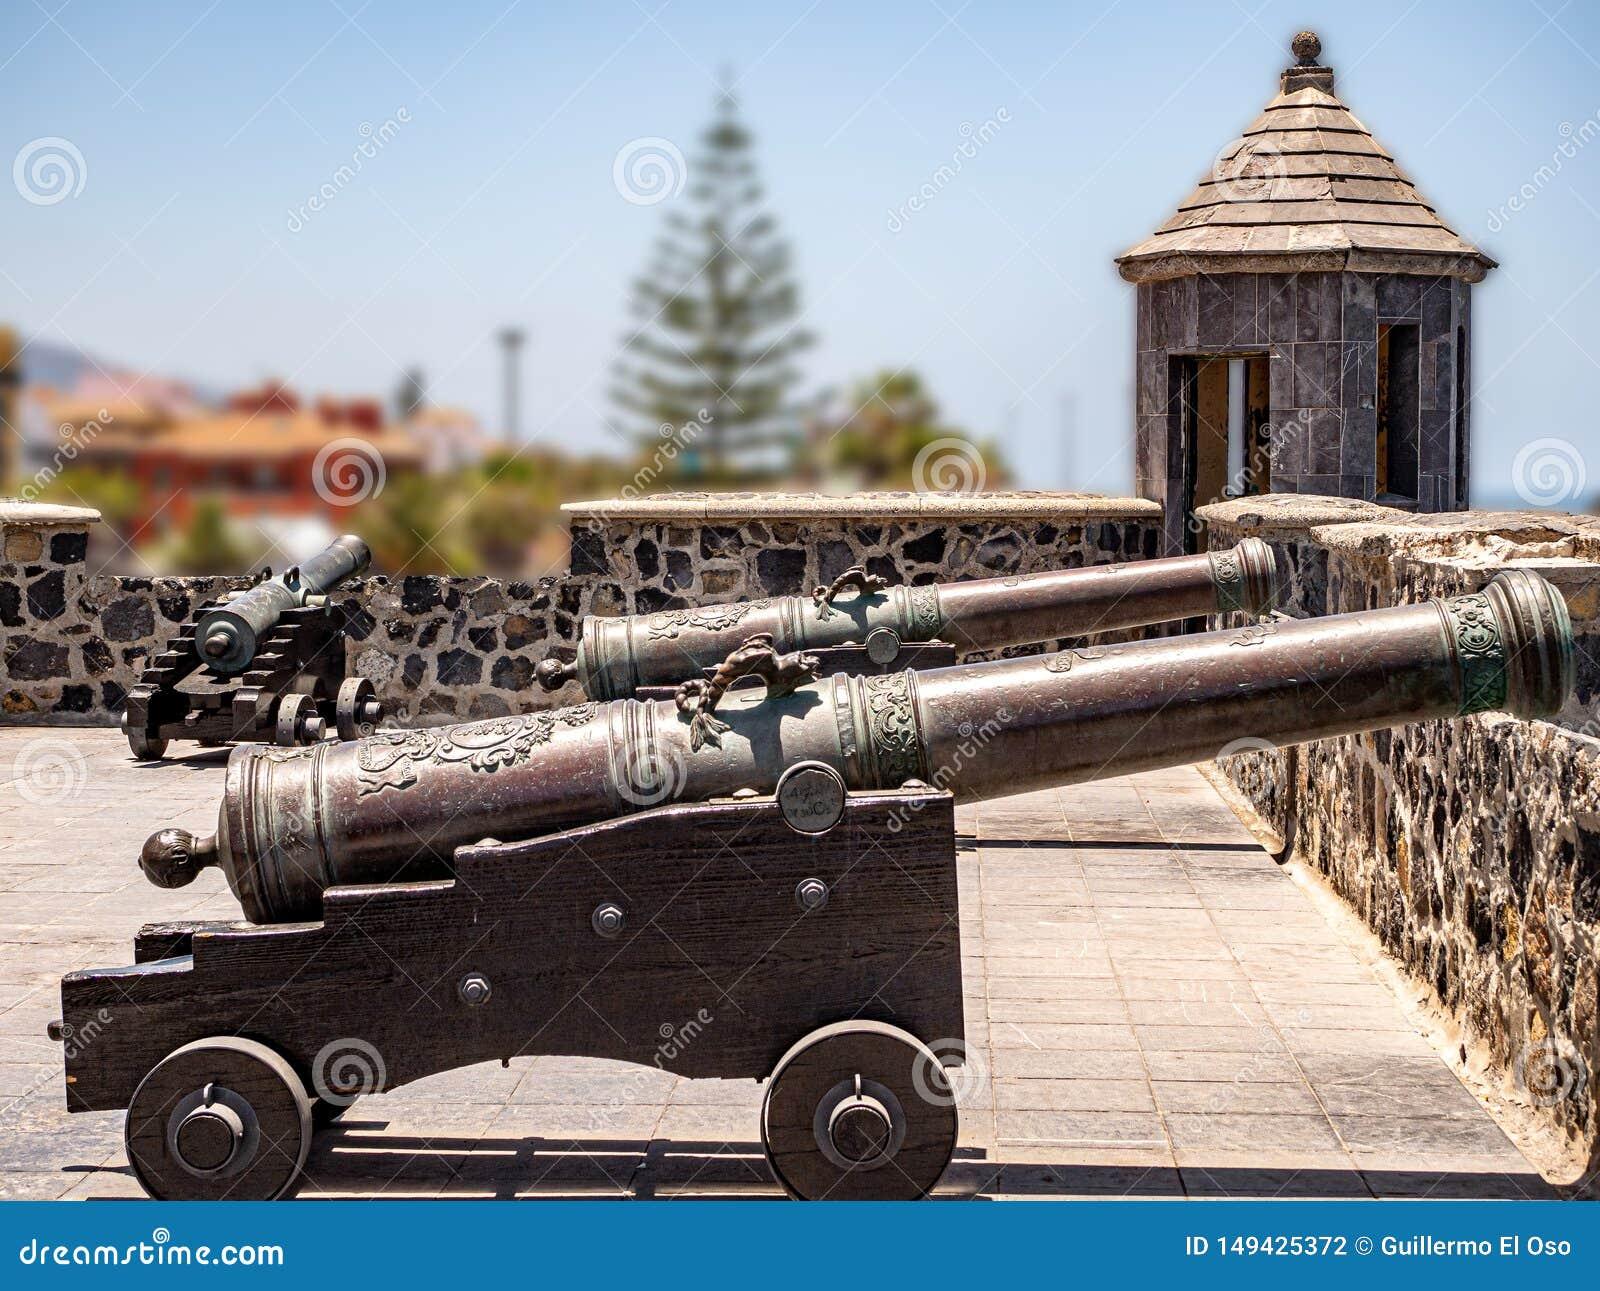 Einblick in die Vergangenheit von alten Festungskanonen